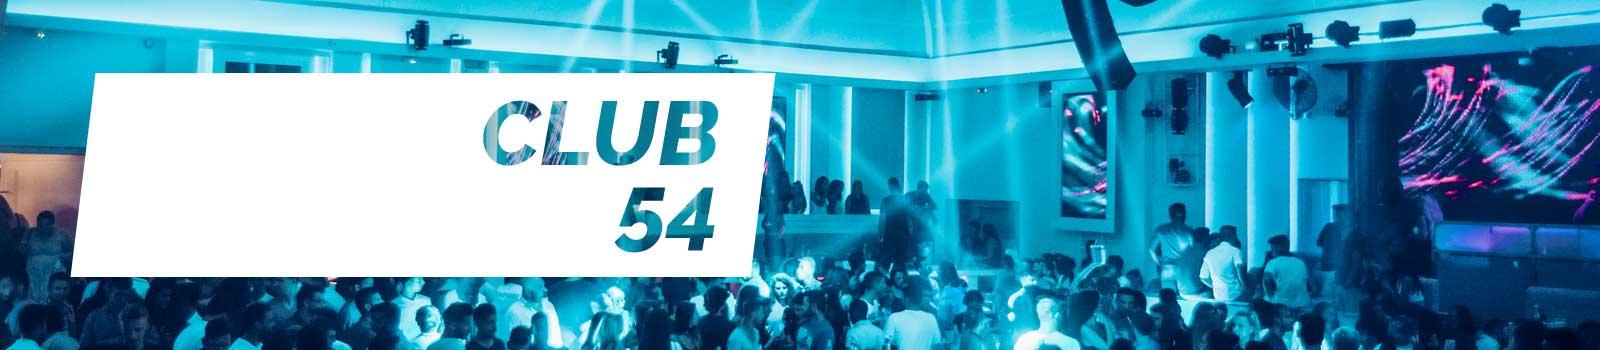 corfu-b10-club-54